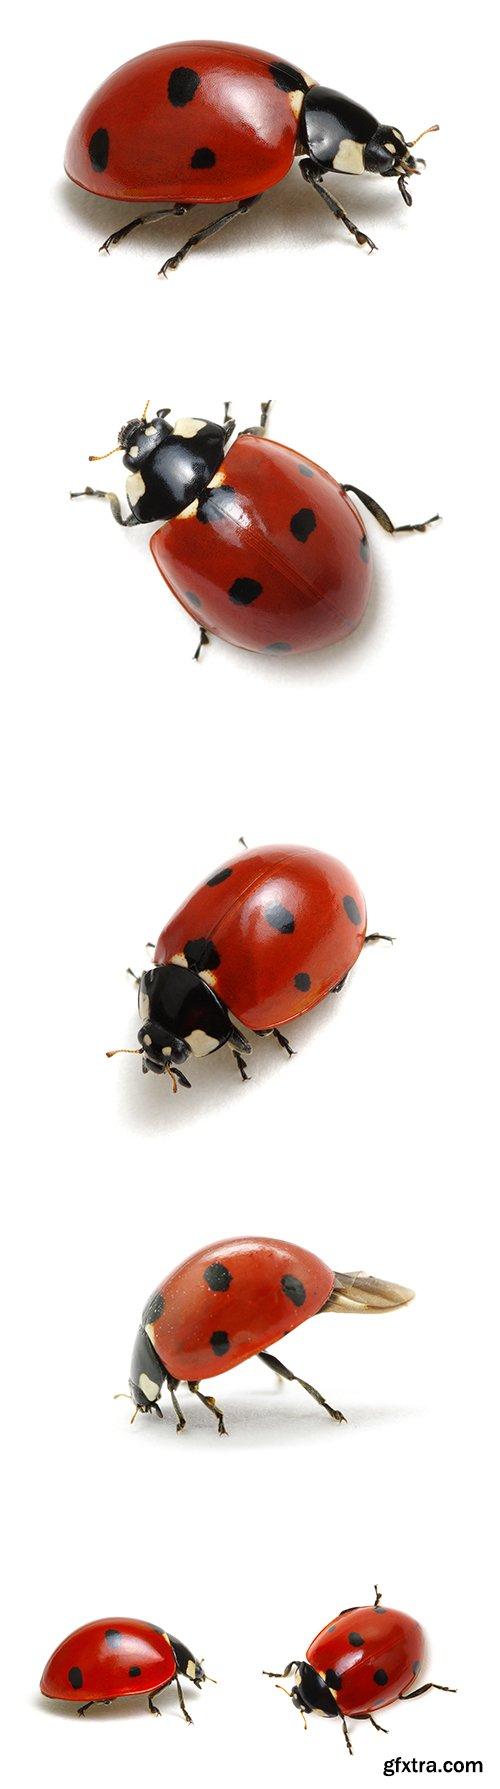 Ladybugs Isolated - 13xJPGs